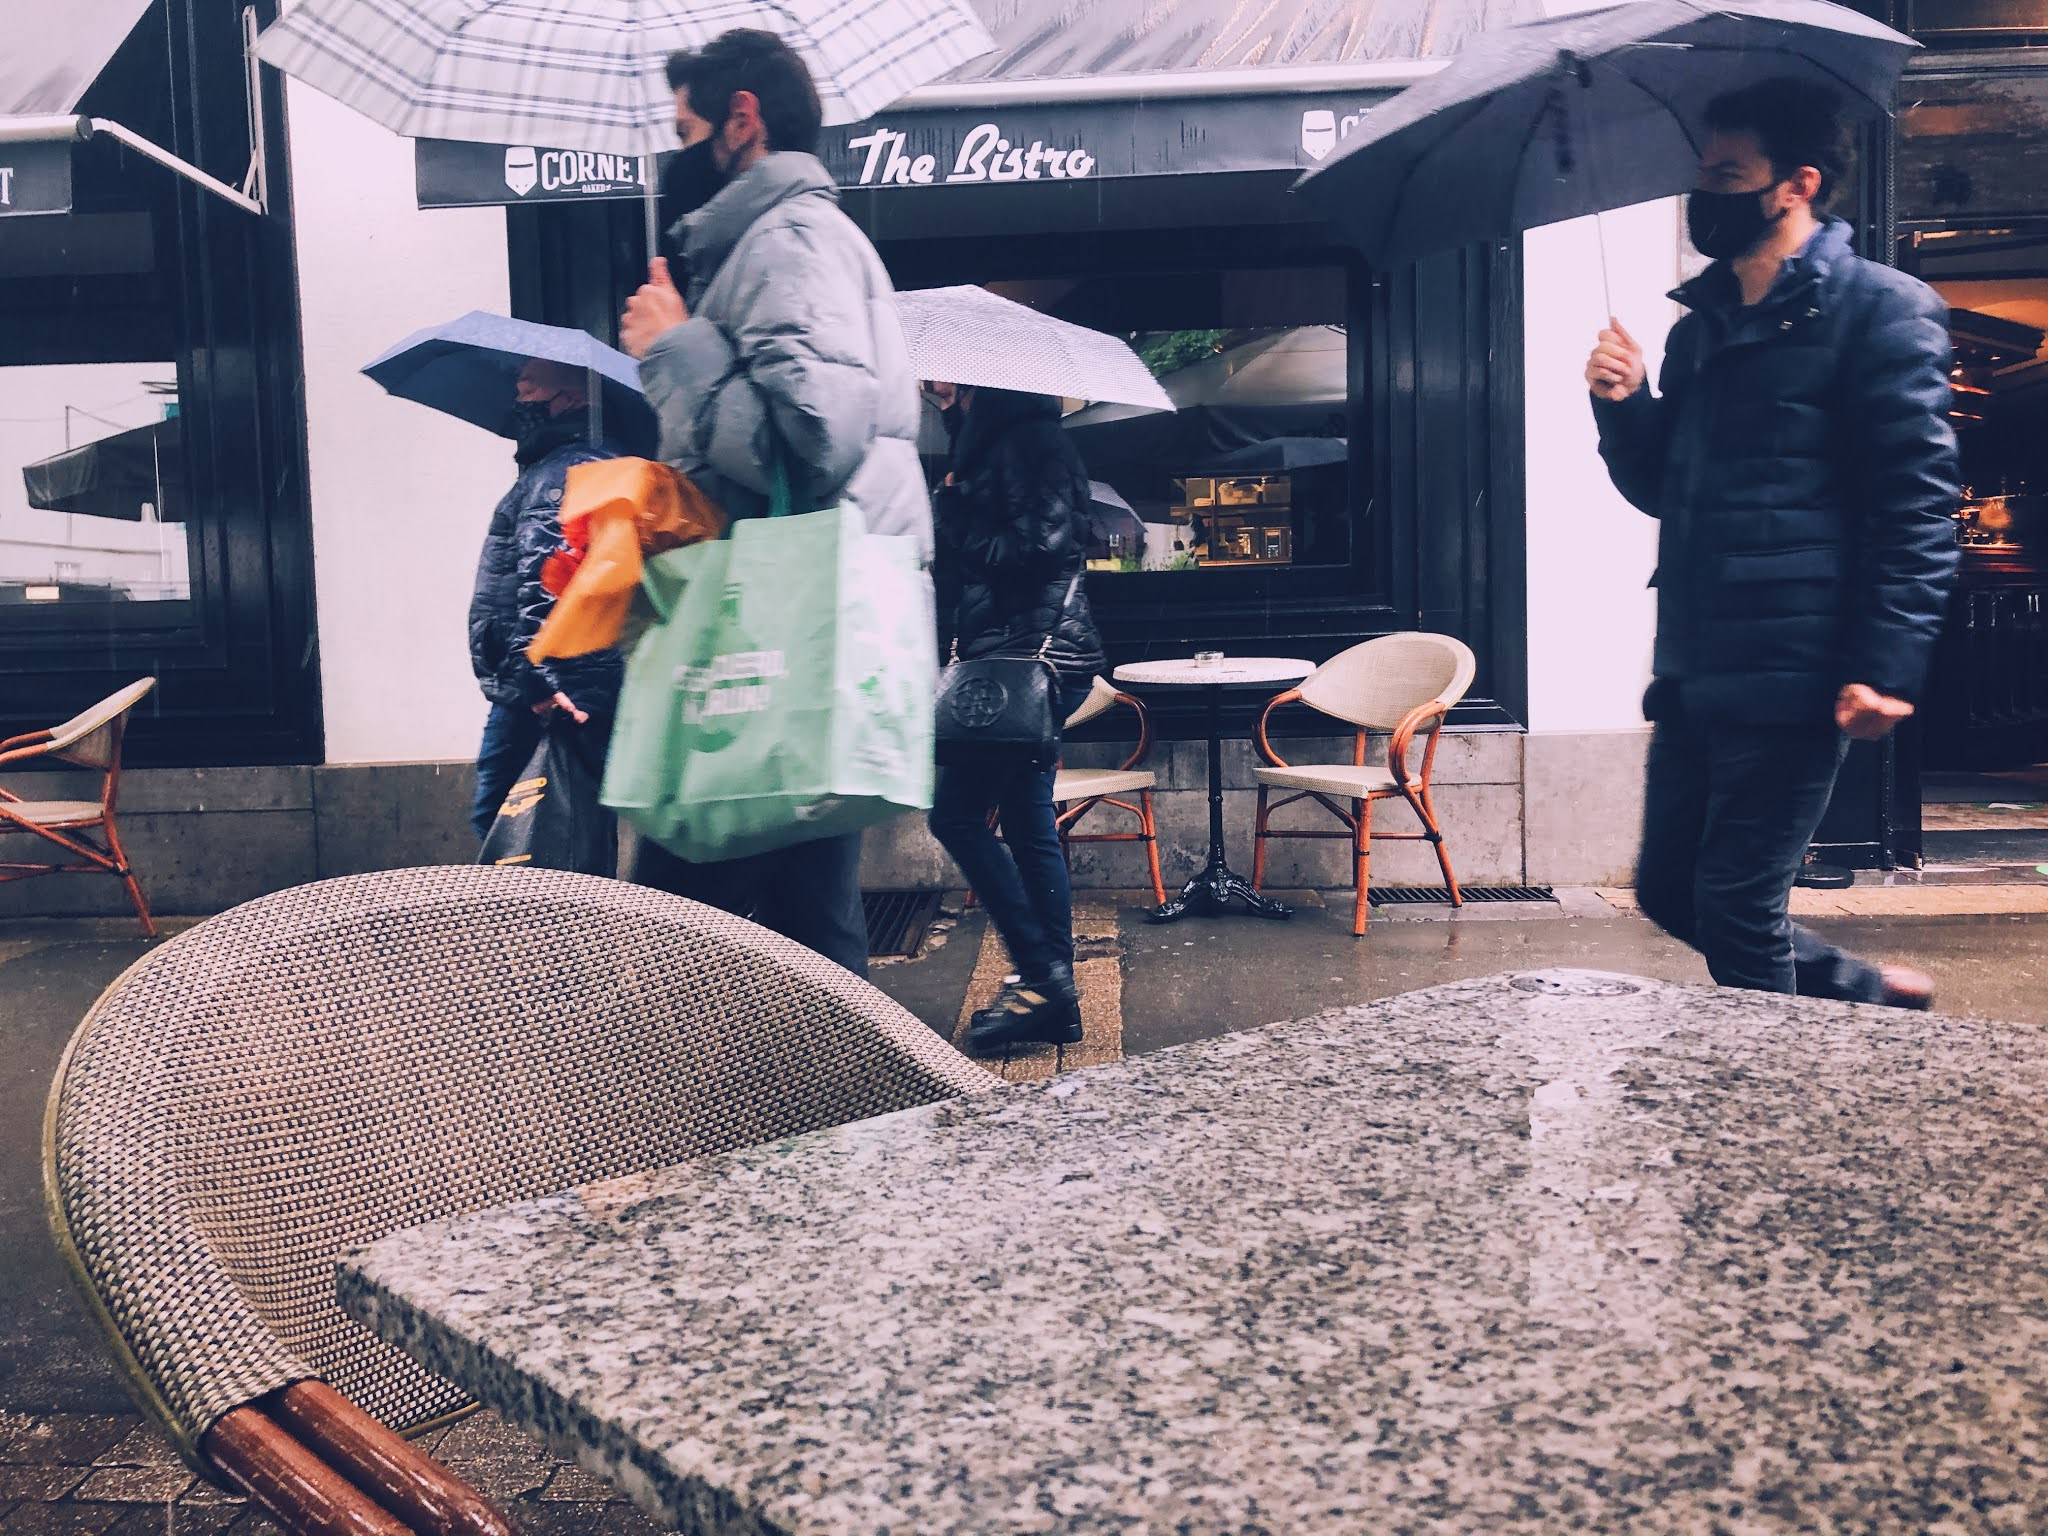 Foto van voorbijgangers met een paraplu in handen genomen vanop een terras.